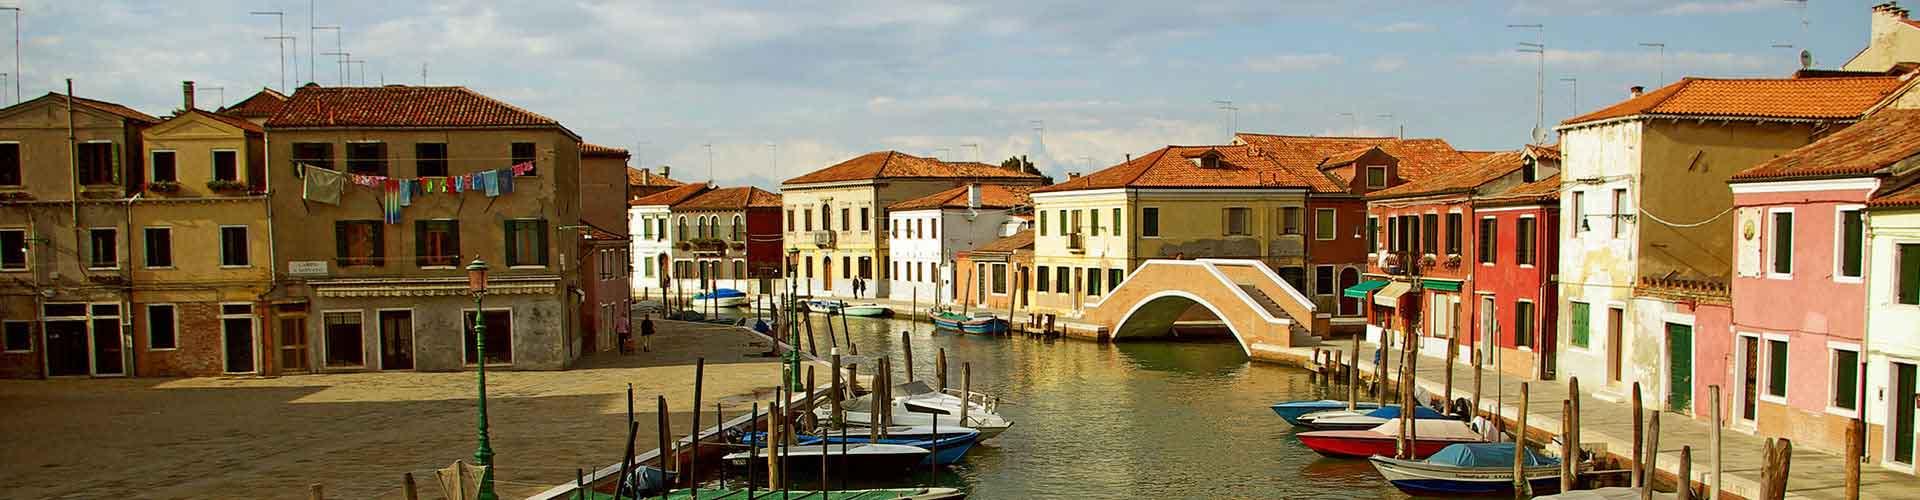 Wenecja Mestre - Hostele w pobliżu: Lotnisko Wenecja Marco Polo. Mapy: Wenecja Mestre, Zdjęcia i Recenzje dla każdego hostelu w mieście: Wenecja Mestre.